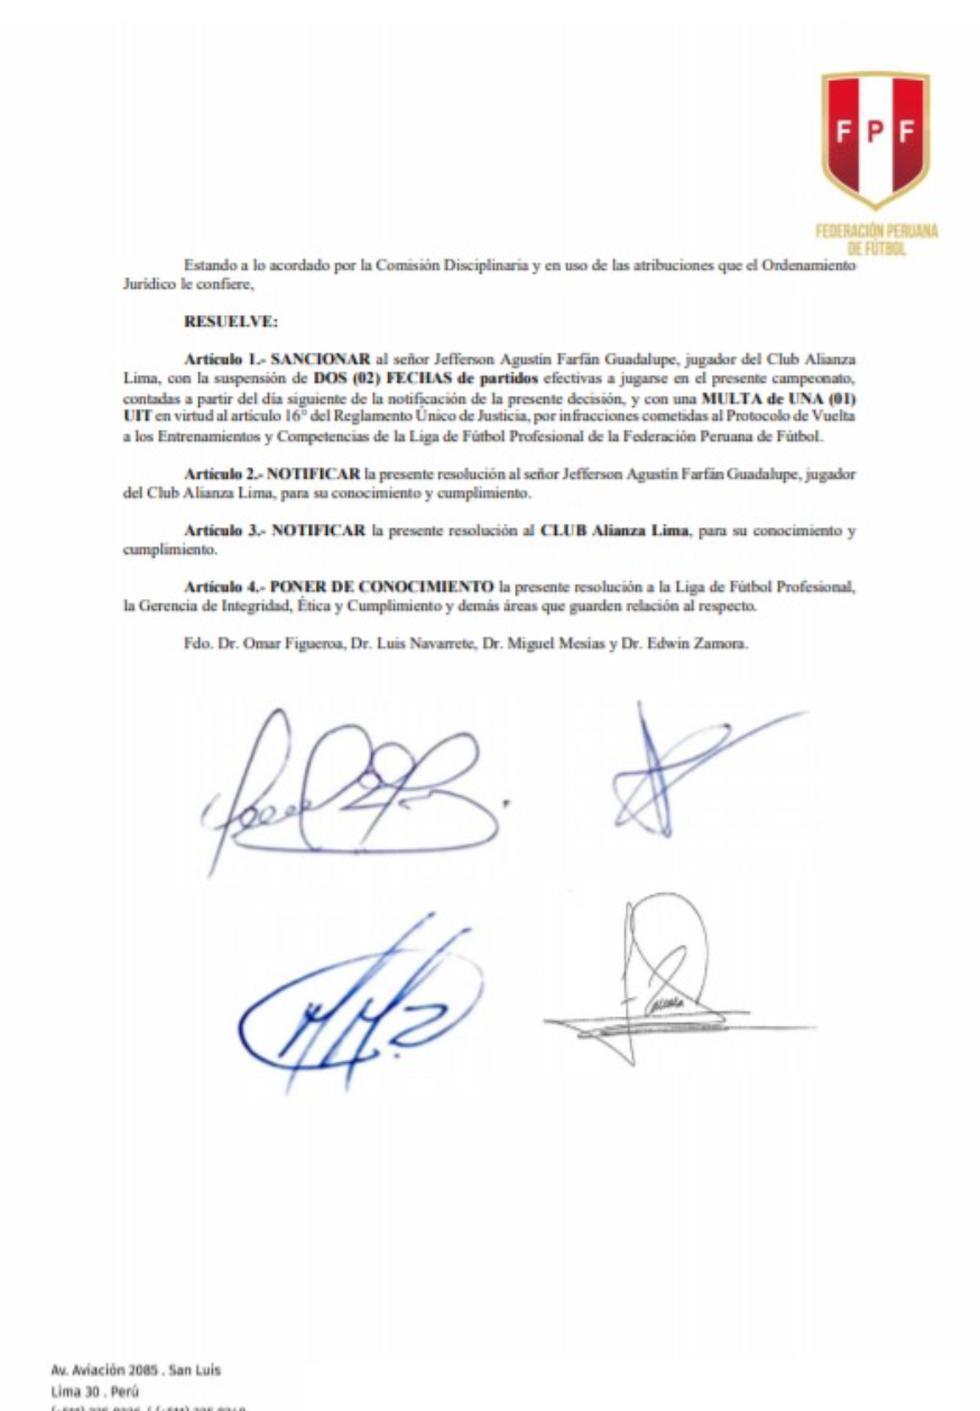 Resolución sobre la sanción a Jefferson Farfán